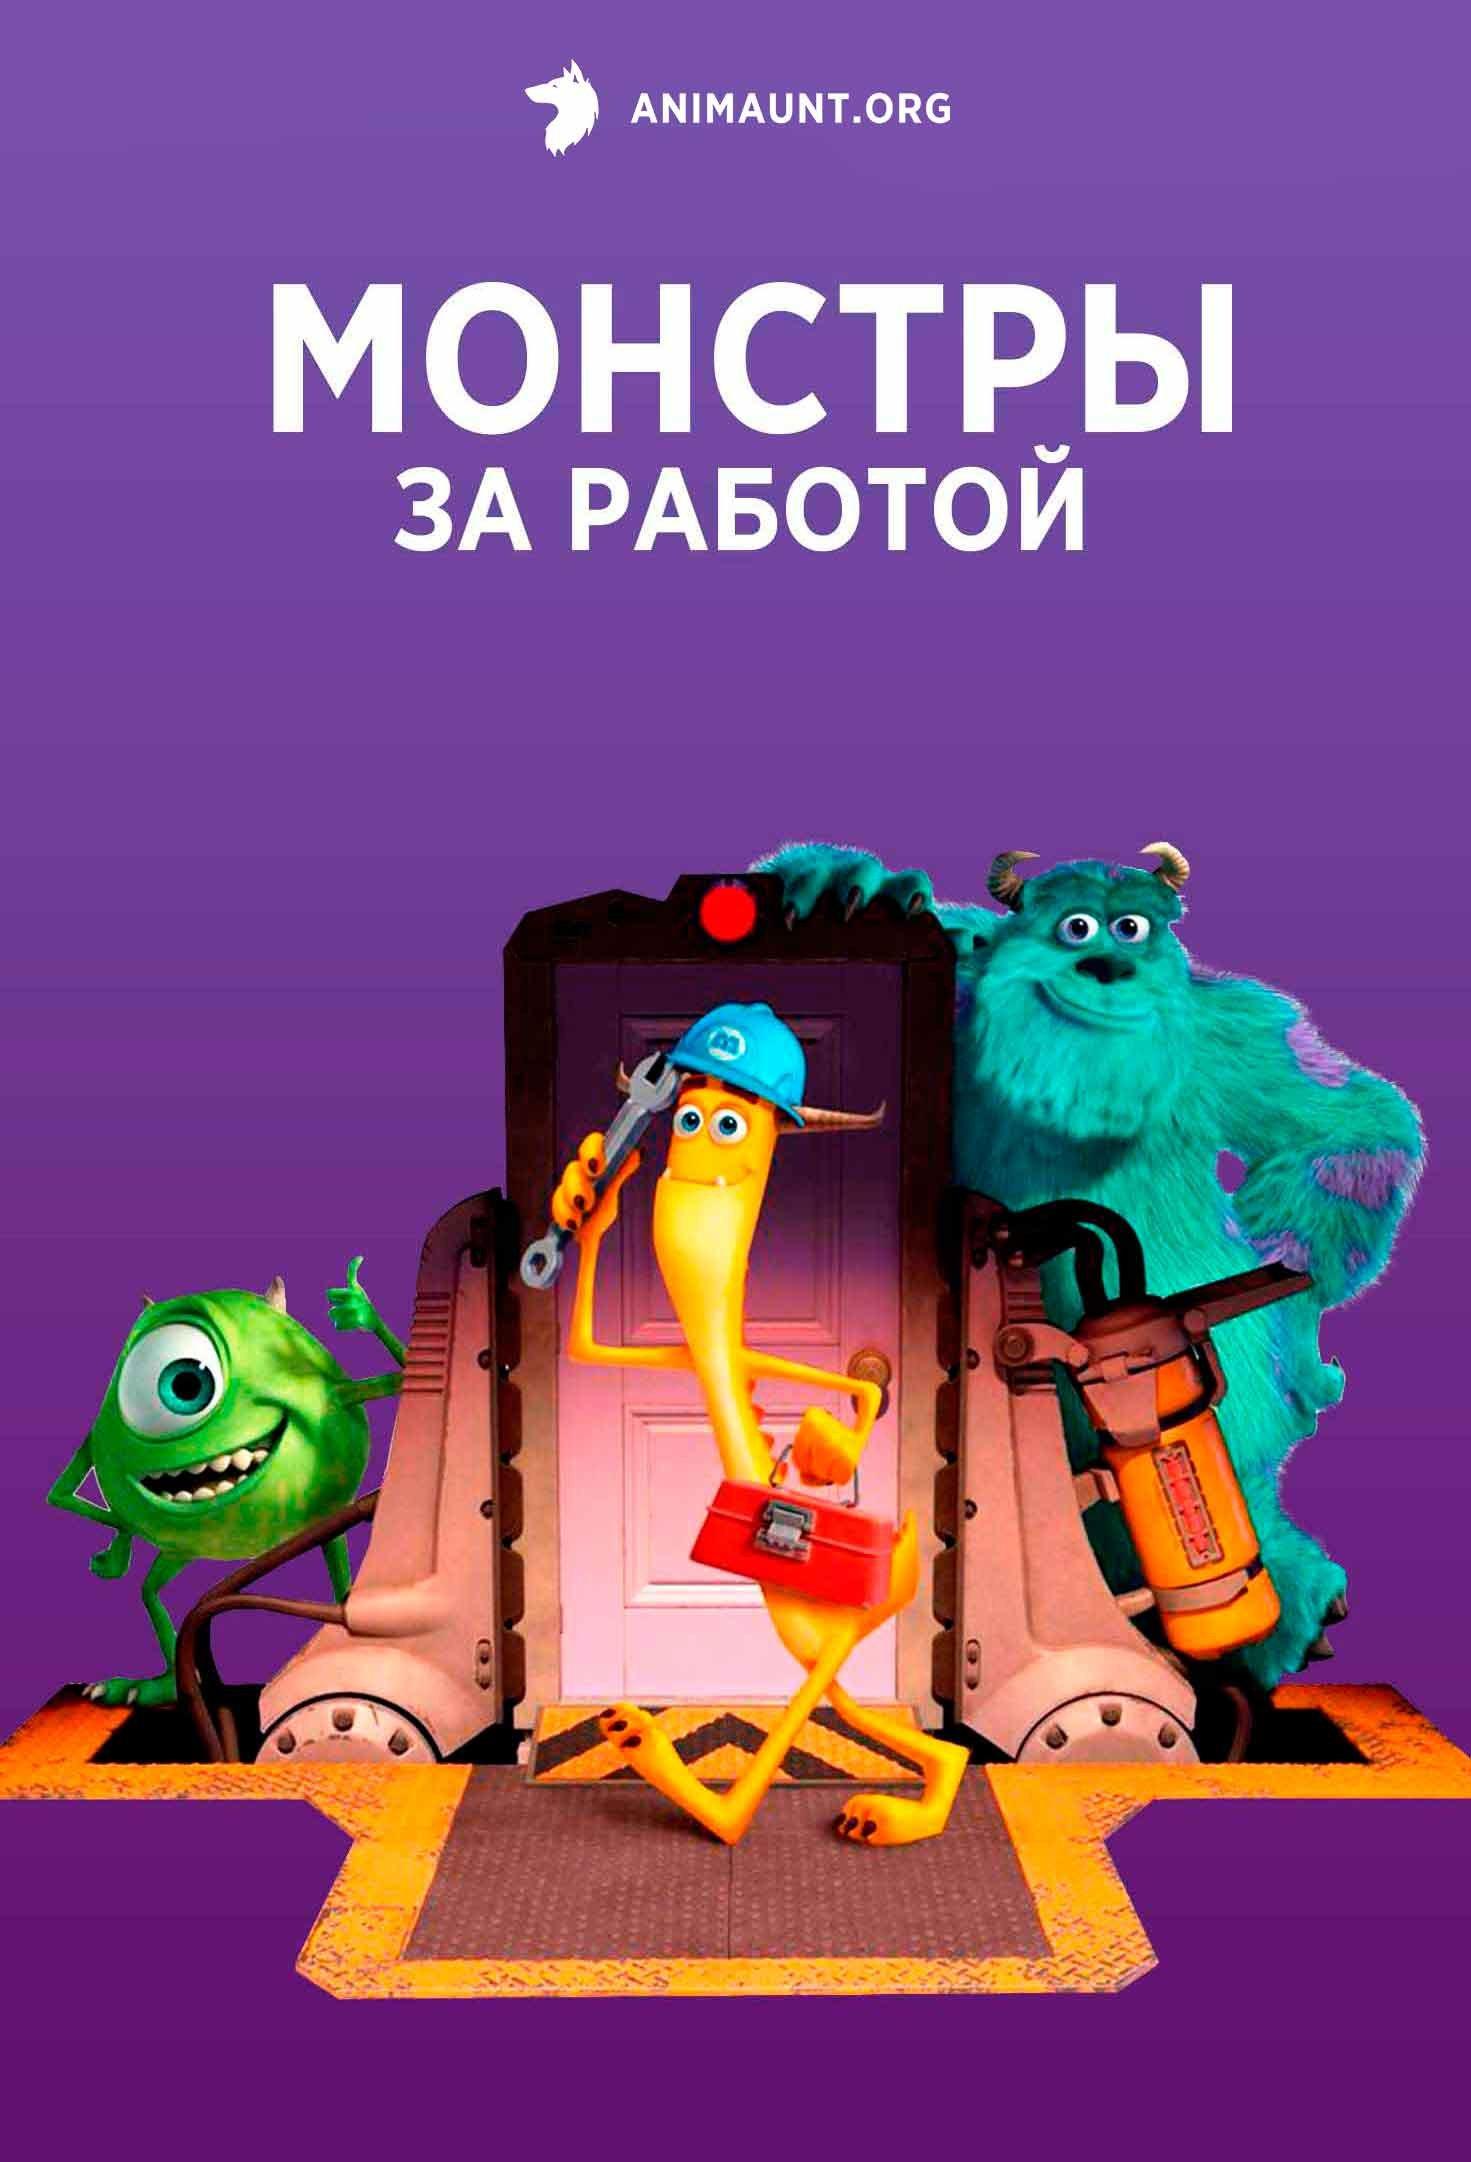 Премьера мультсериала!